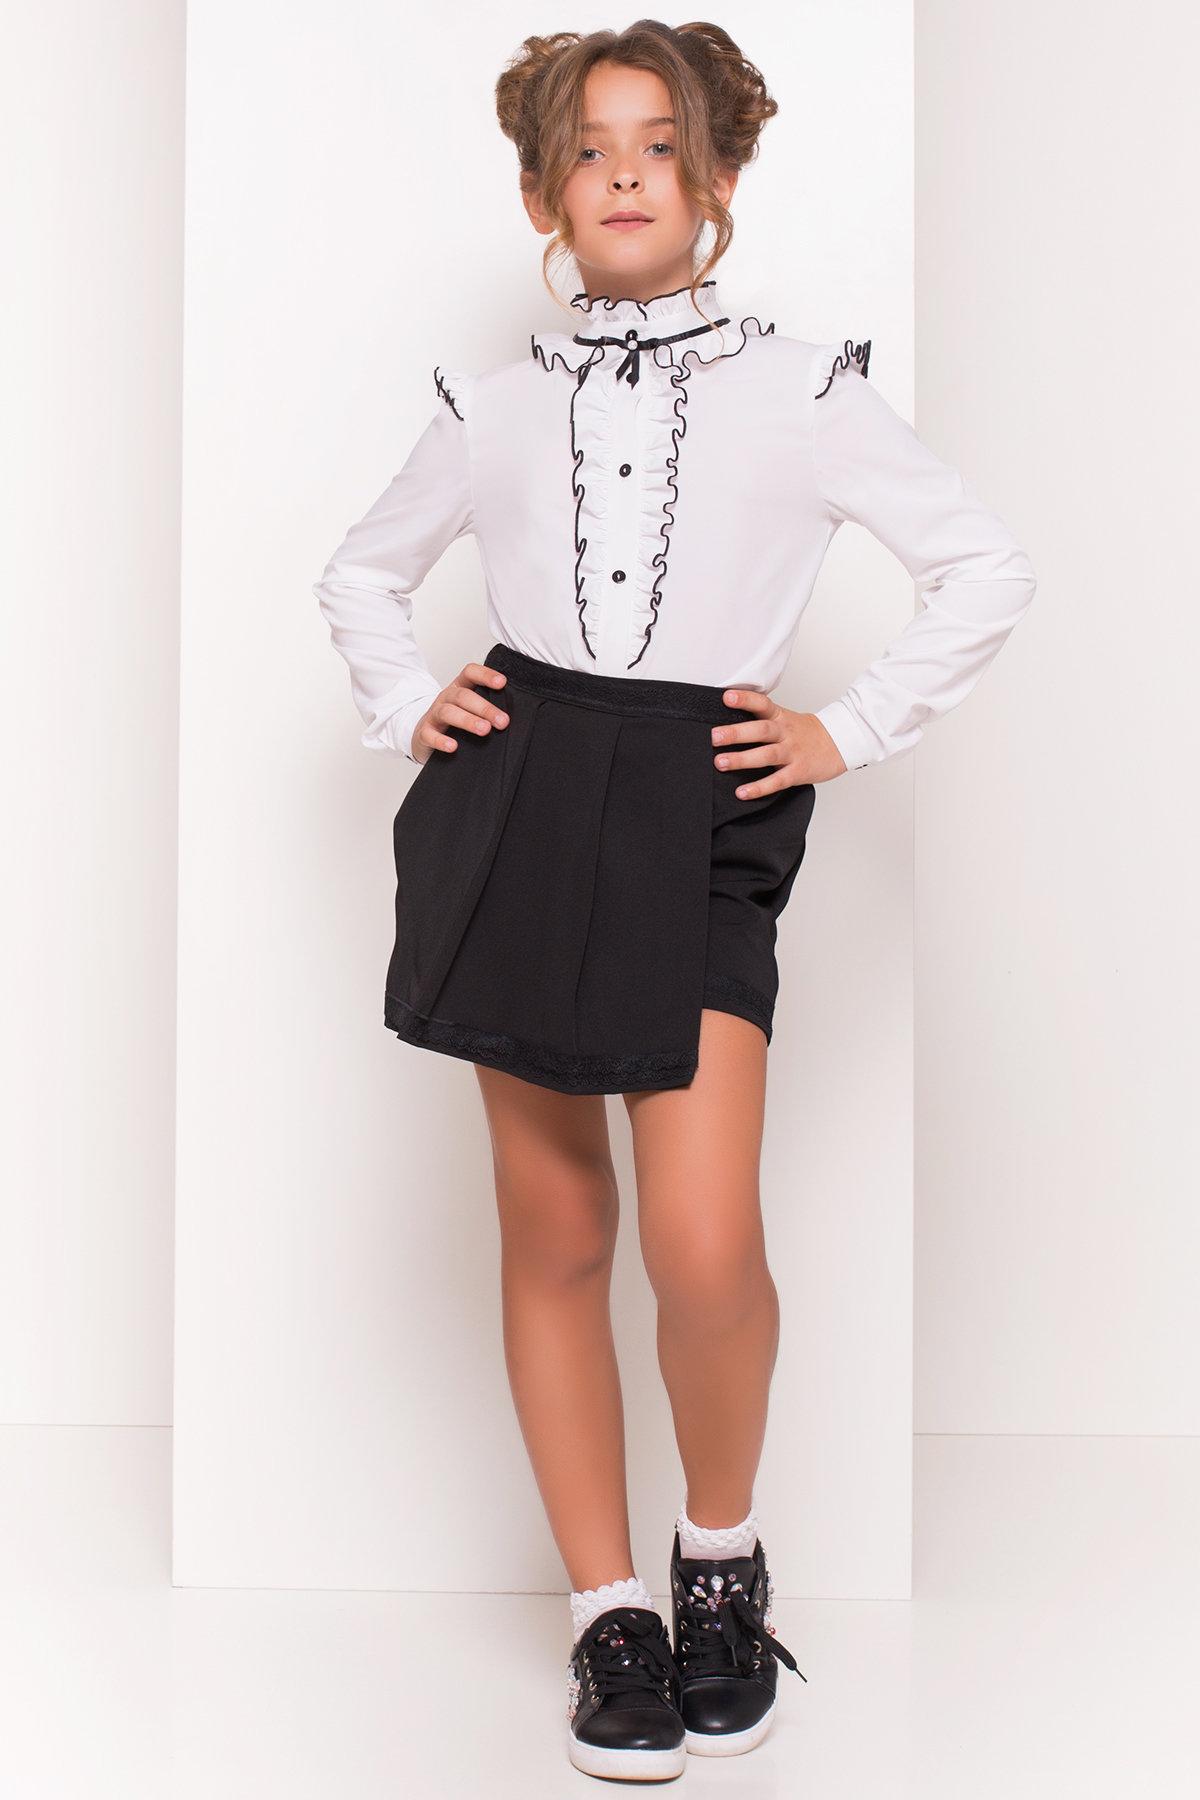 Как подобрать нарядные школьные блузки для девочек?